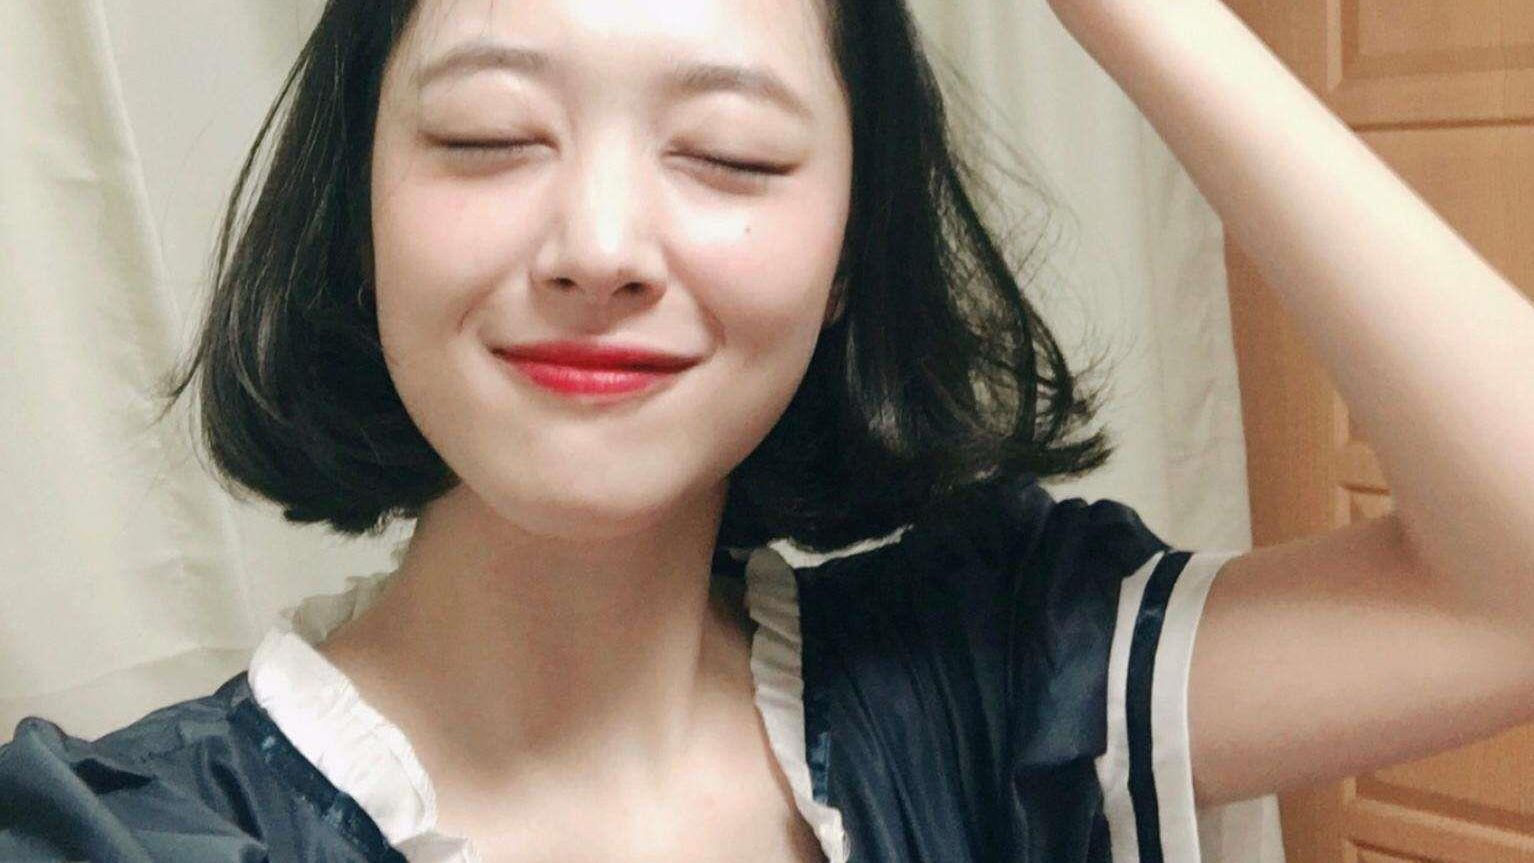 韩国女生爱用的护肤品系列,雪花秀比天气丹更受欢迎,欧蕙也上榜